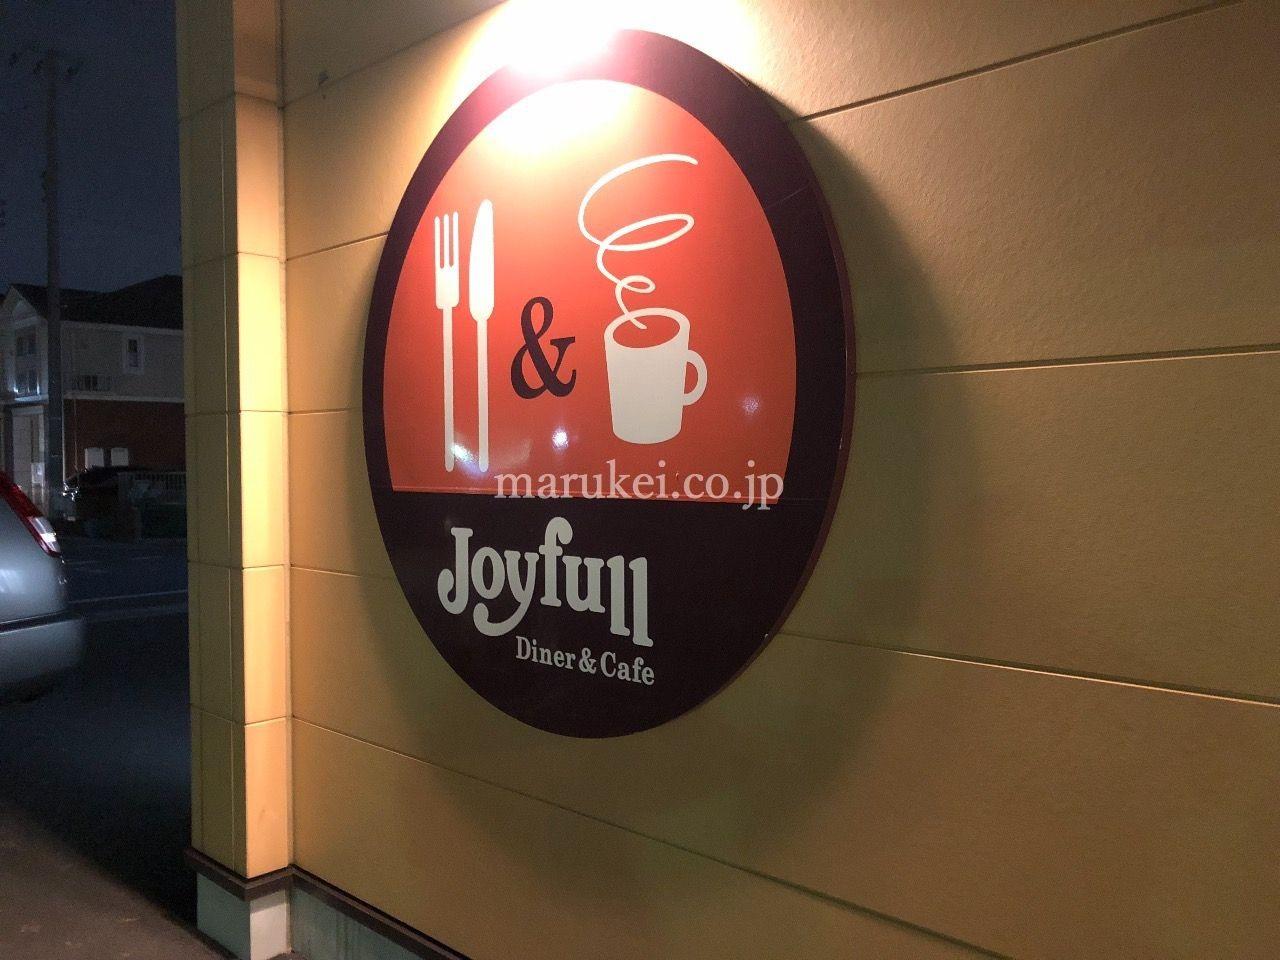 [越谷にも] ファミリーレストラン ジョイフルがあります。